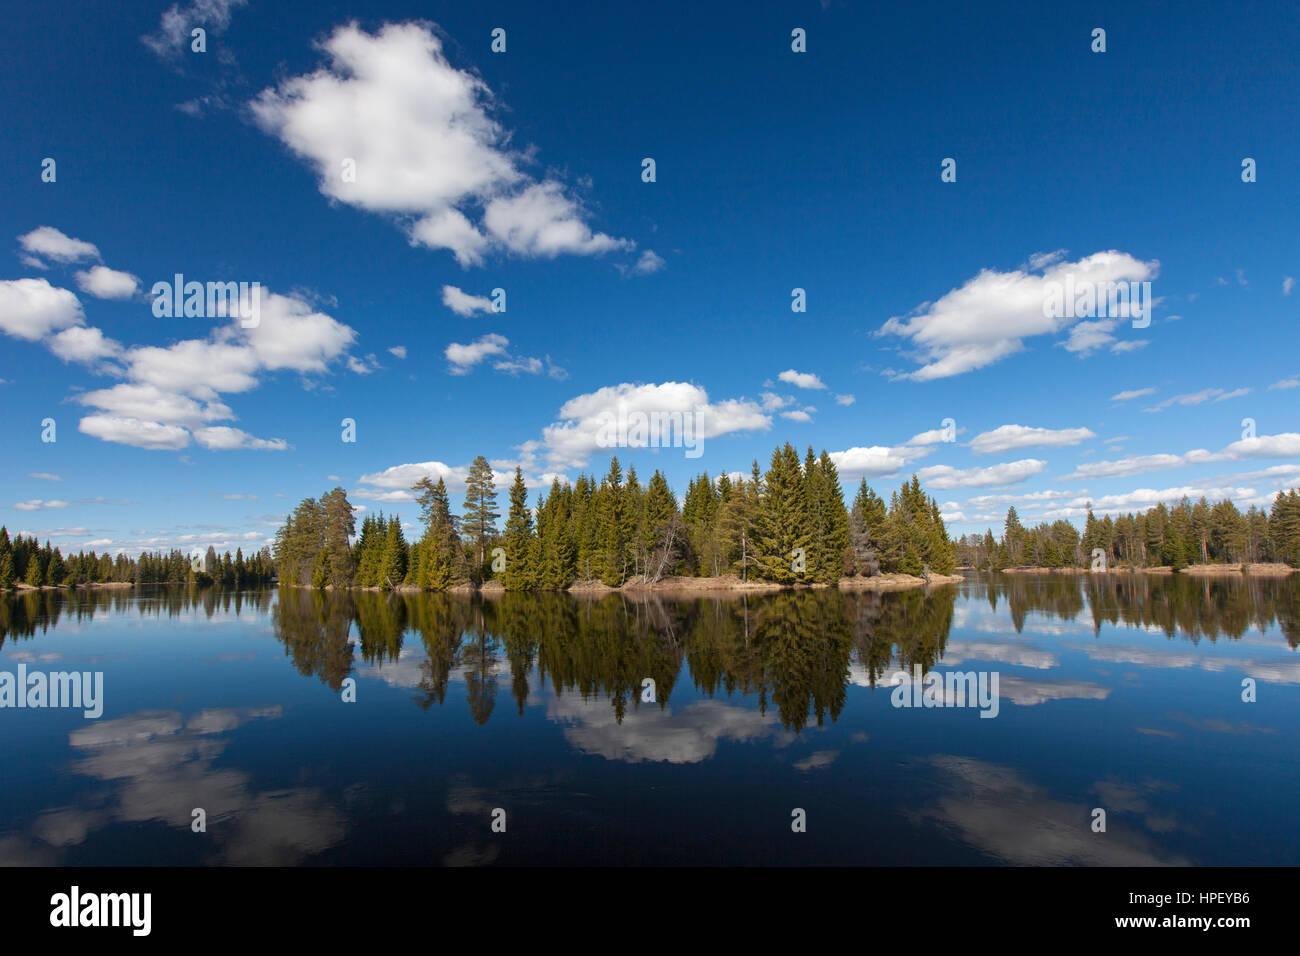 Reflection of spruce trees in water of the Västerdal River / Västerdalälven / Vaesterdalaelven, Dalarna, - Stock Image